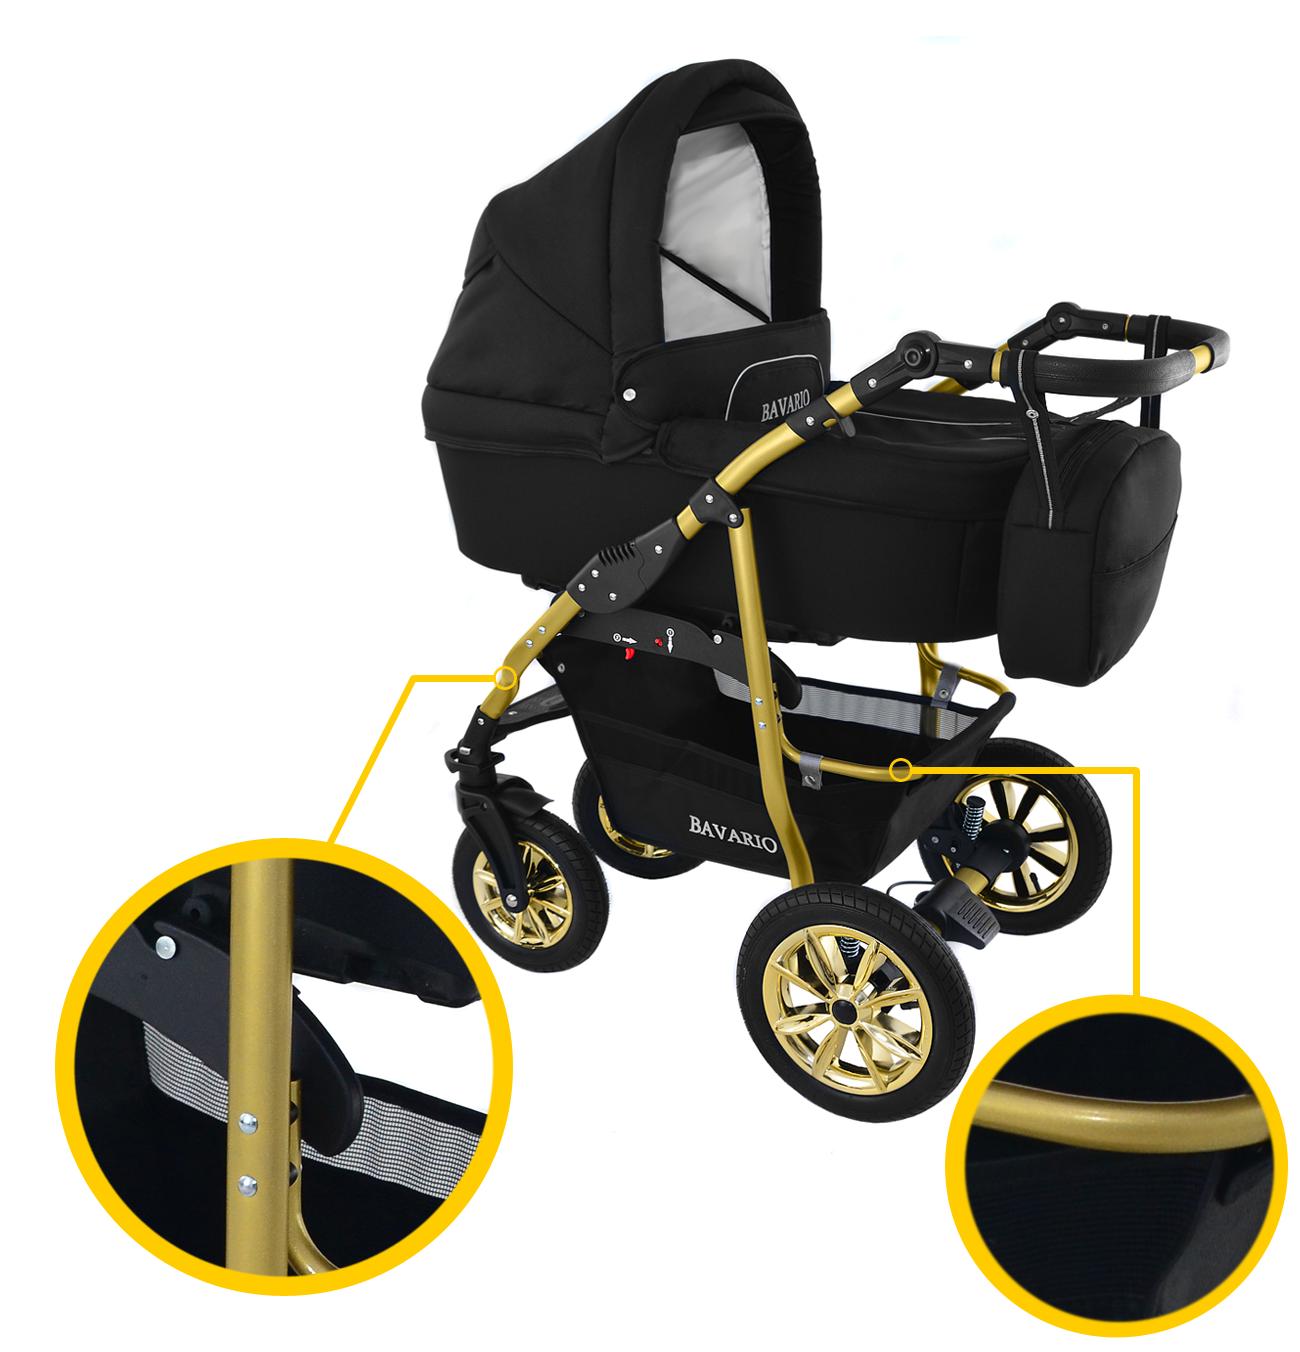 Wózek dziecięcy Krasnal BAVARIO gold [ czarny wózek na złotej ramie ]